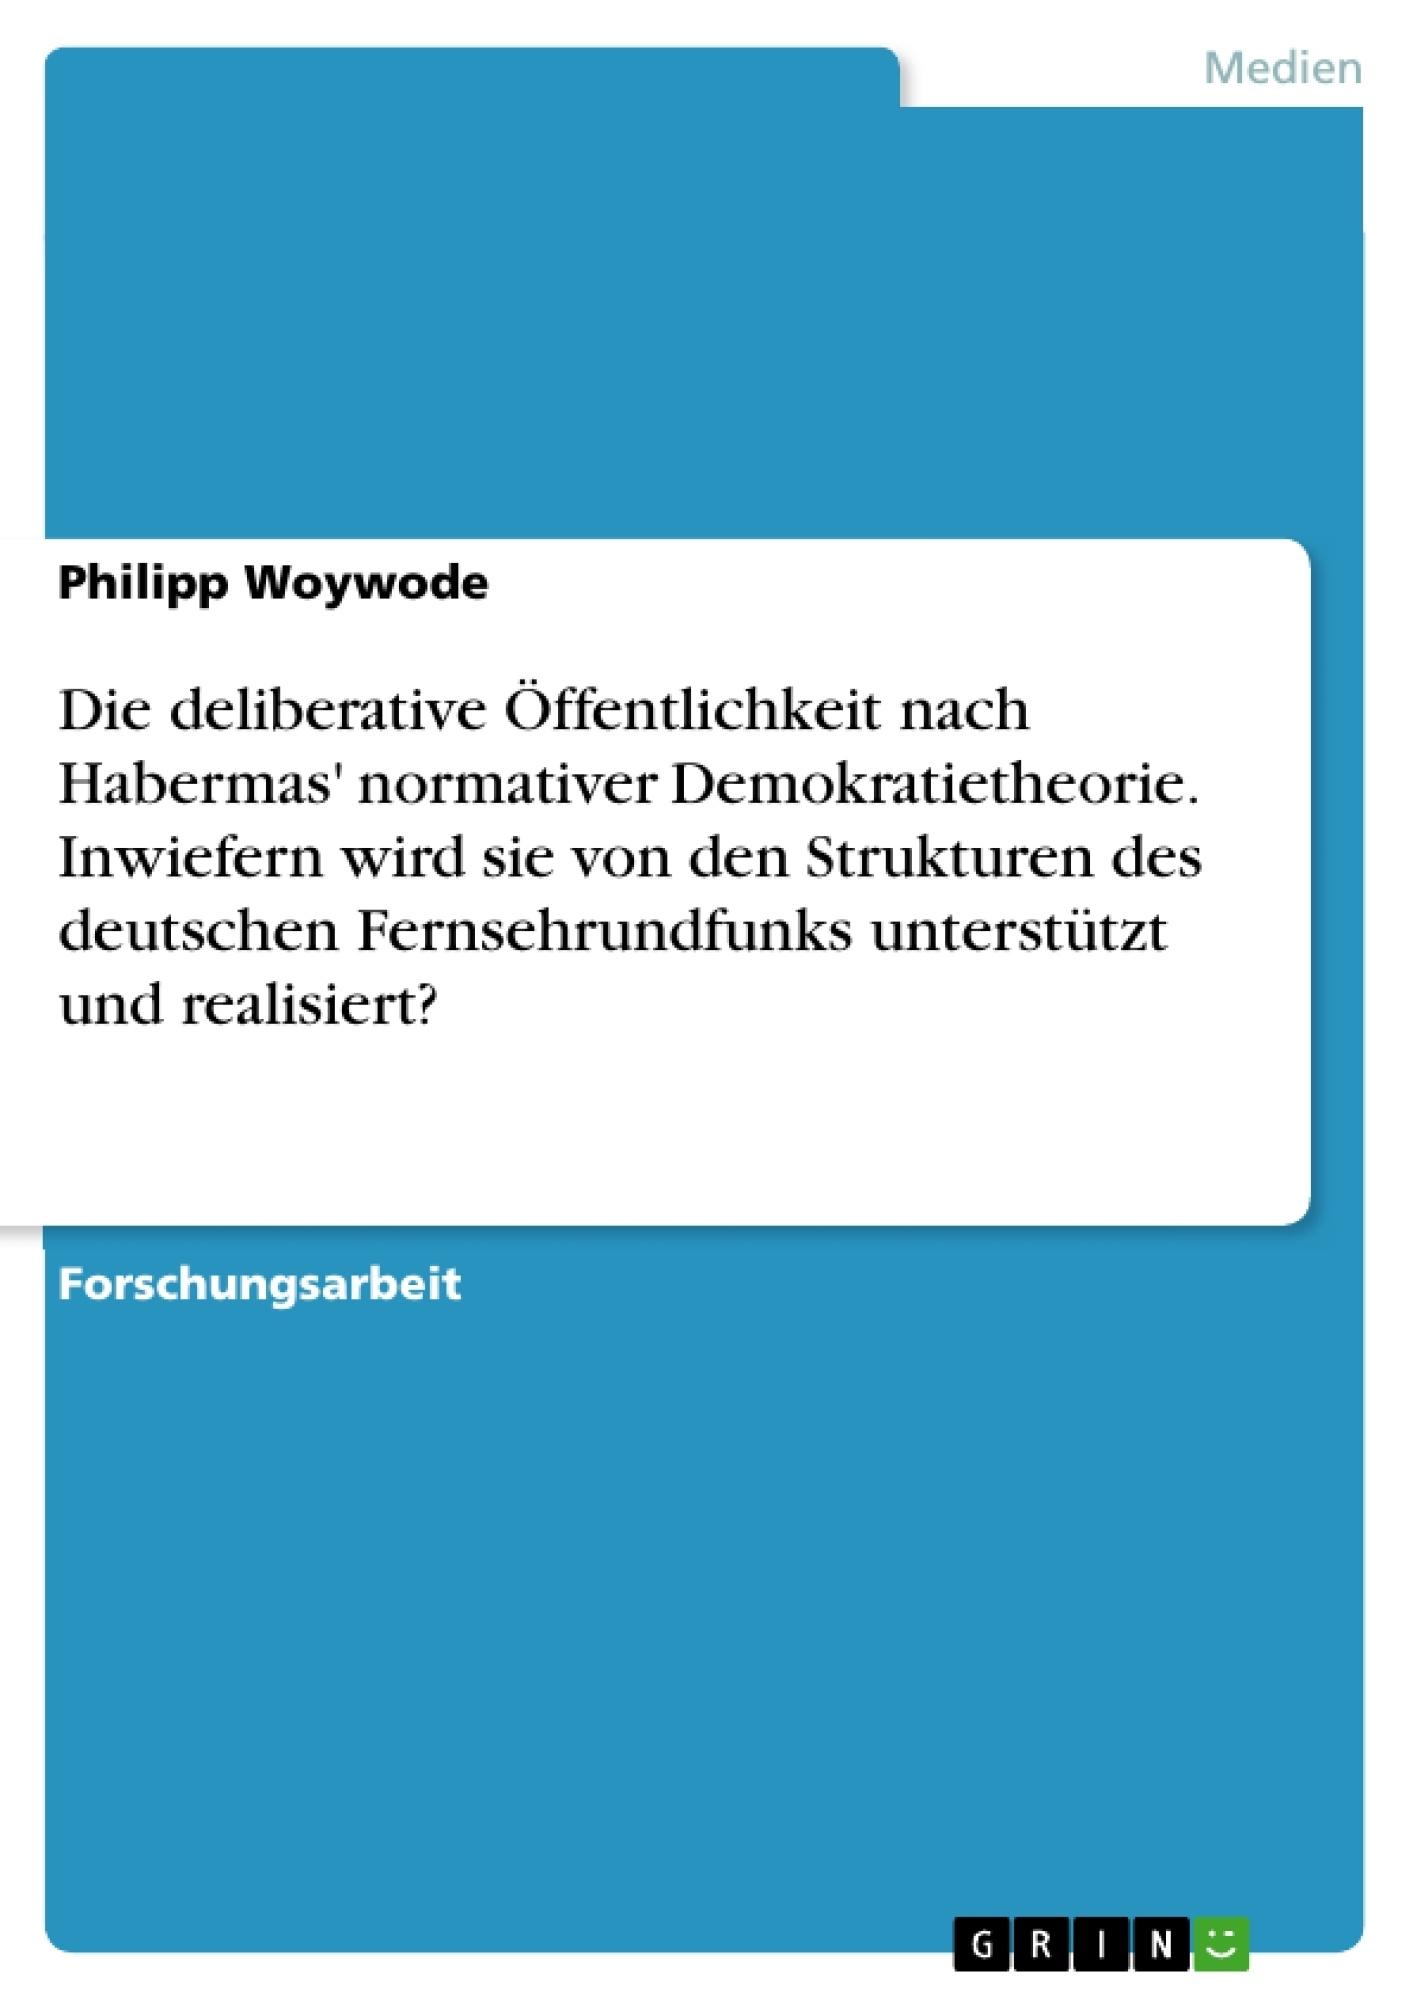 Titel: Die deliberative Öffentlichkeit nach Habermas' normativer Demokratietheorie. Inwiefern wird sie von den Strukturen des deutschen Fernsehrundfunks unterstützt und realisiert?